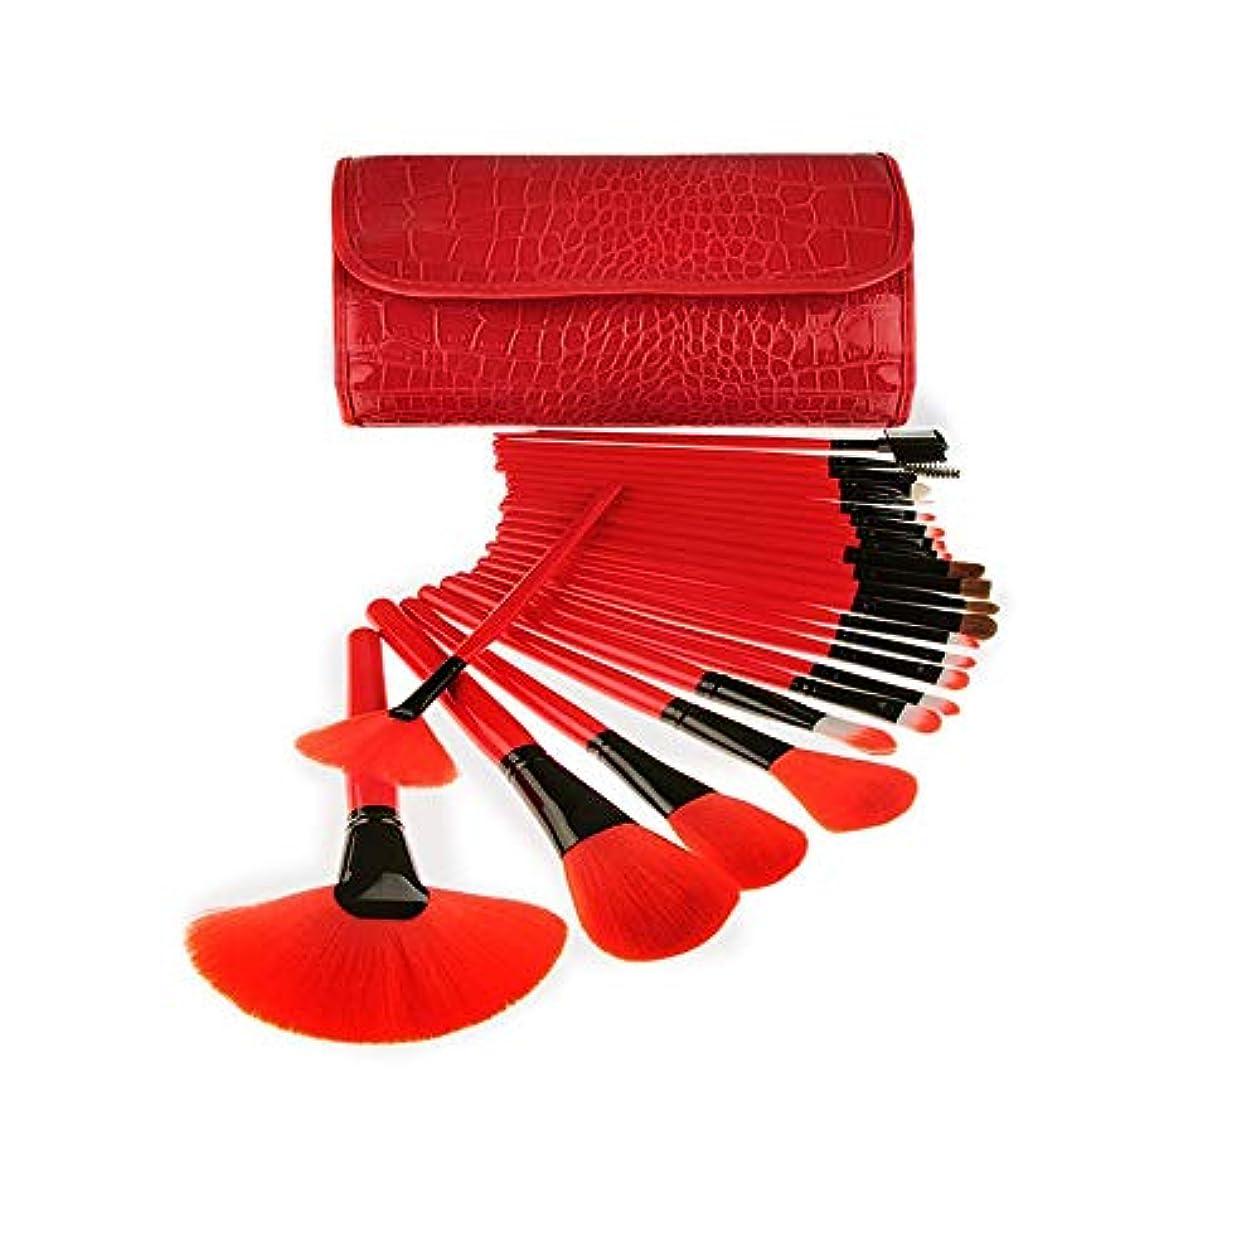 衣服伝統おんどりCHANGYUXINTAI-HUAZHUANGSHUA 旅行を容易にするための混合基礎ブラシのための24本の化粧ブラシのセット。 (Color : Red)